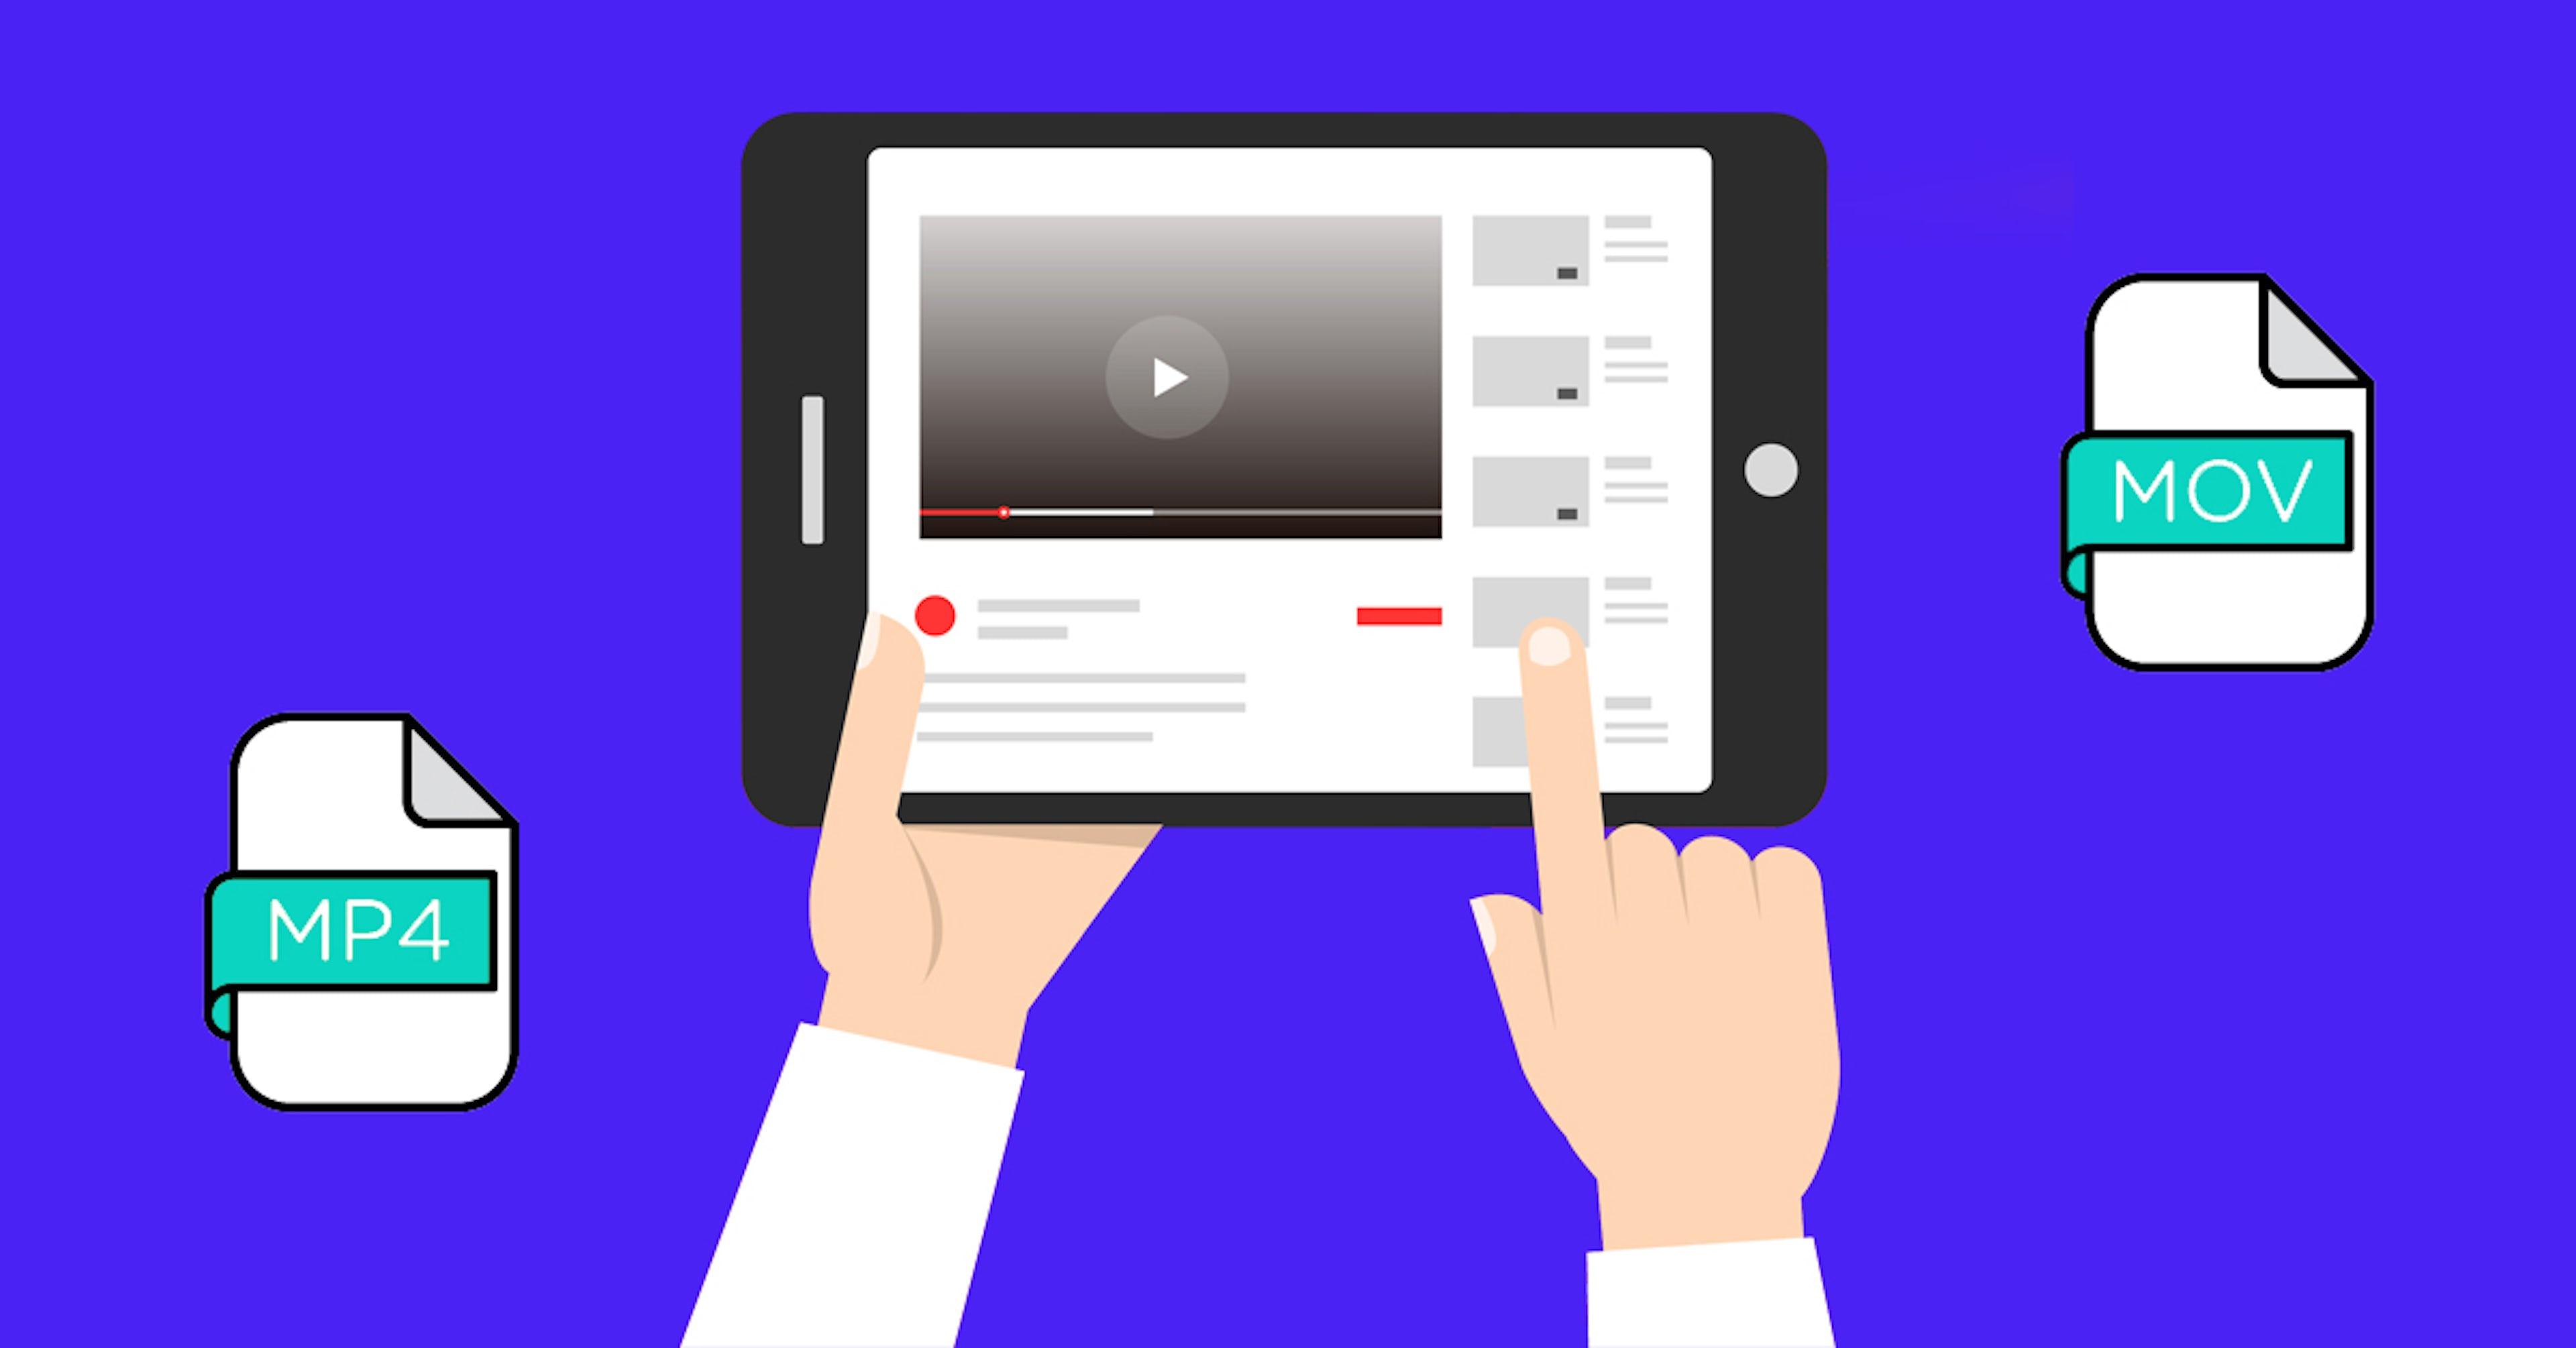 Conoce el formato de video para YouTube con el que puedes trabajar mejor